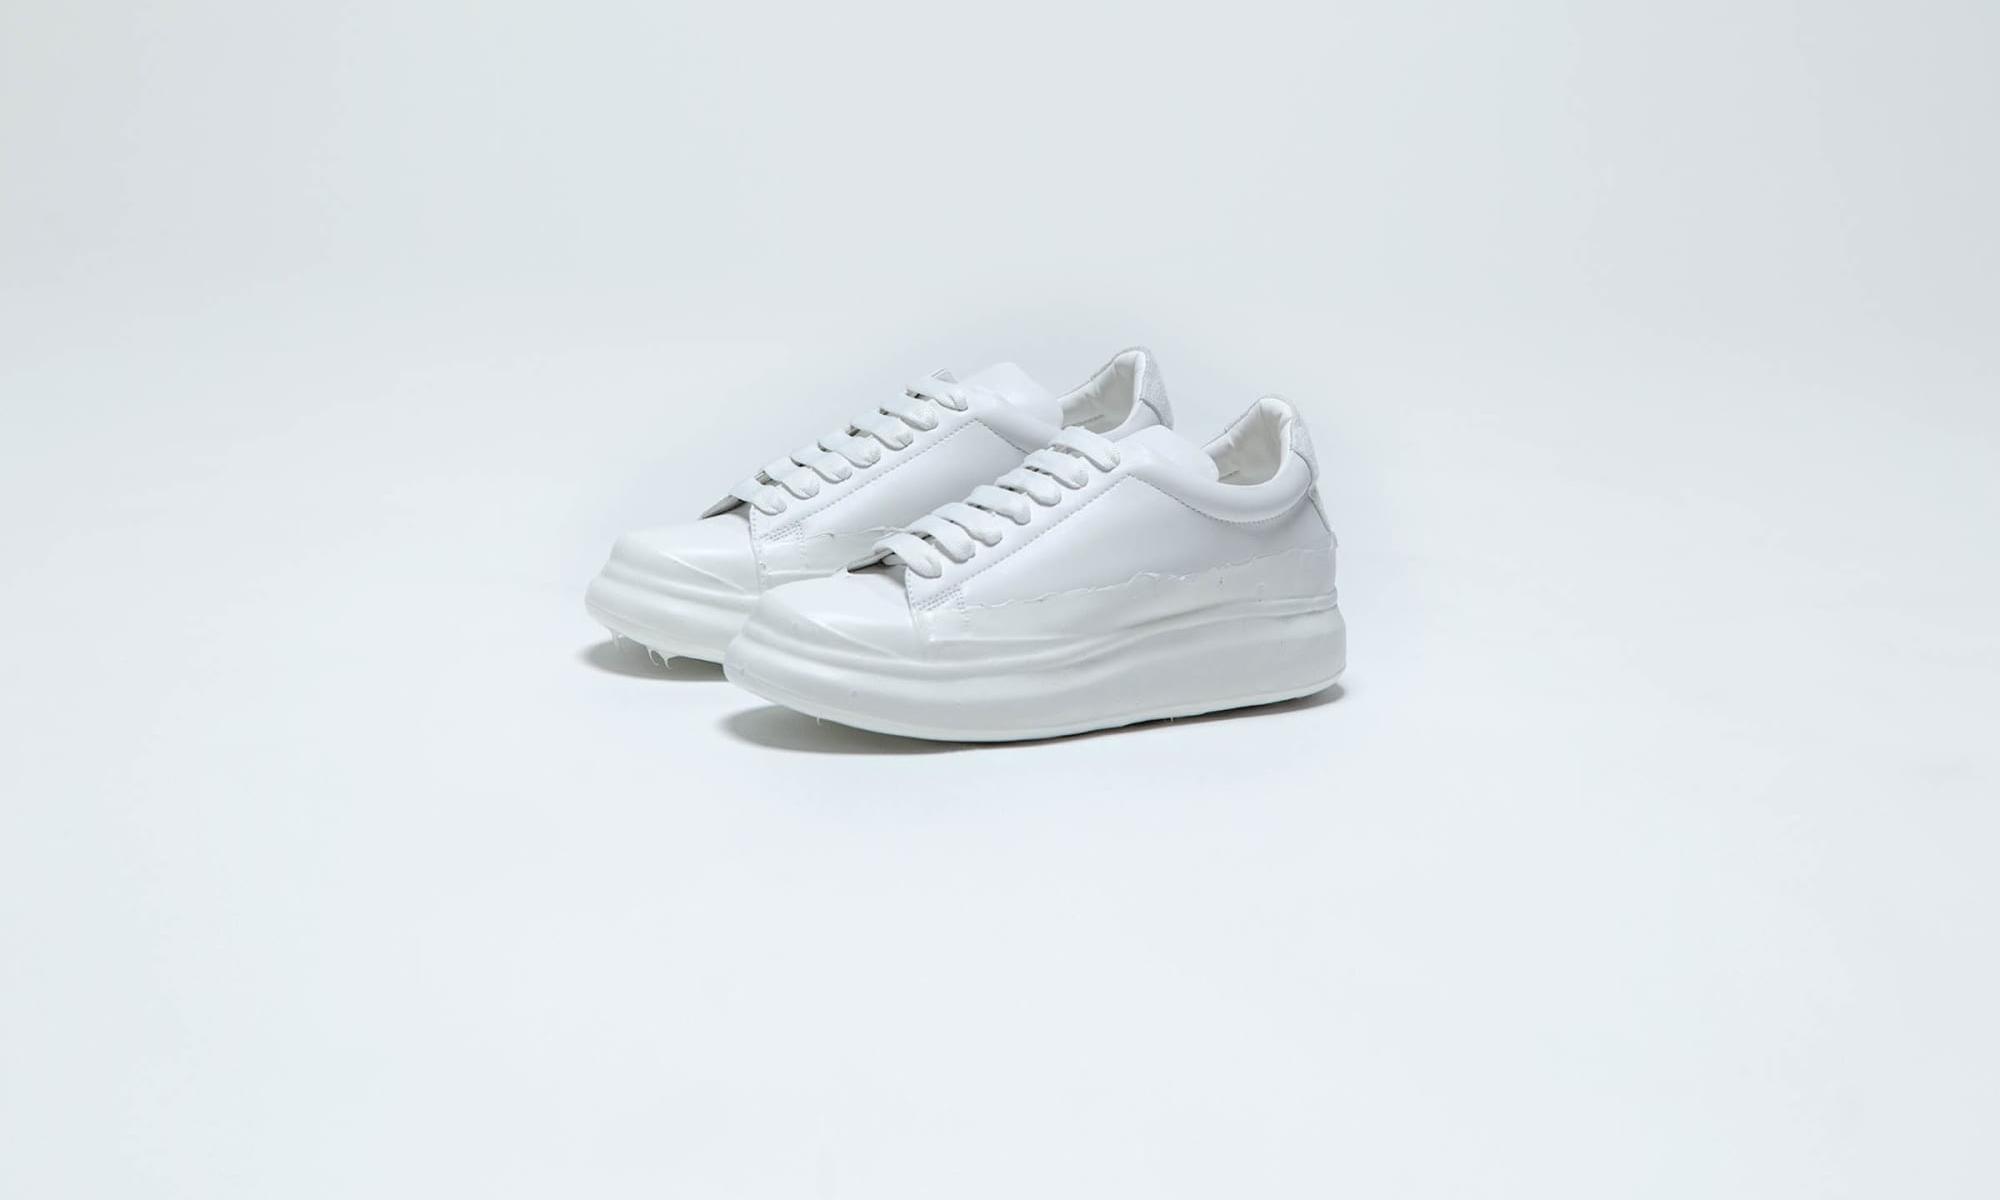 专注于小白鞋的鞋履品牌 GO WITH WHITE 亮相